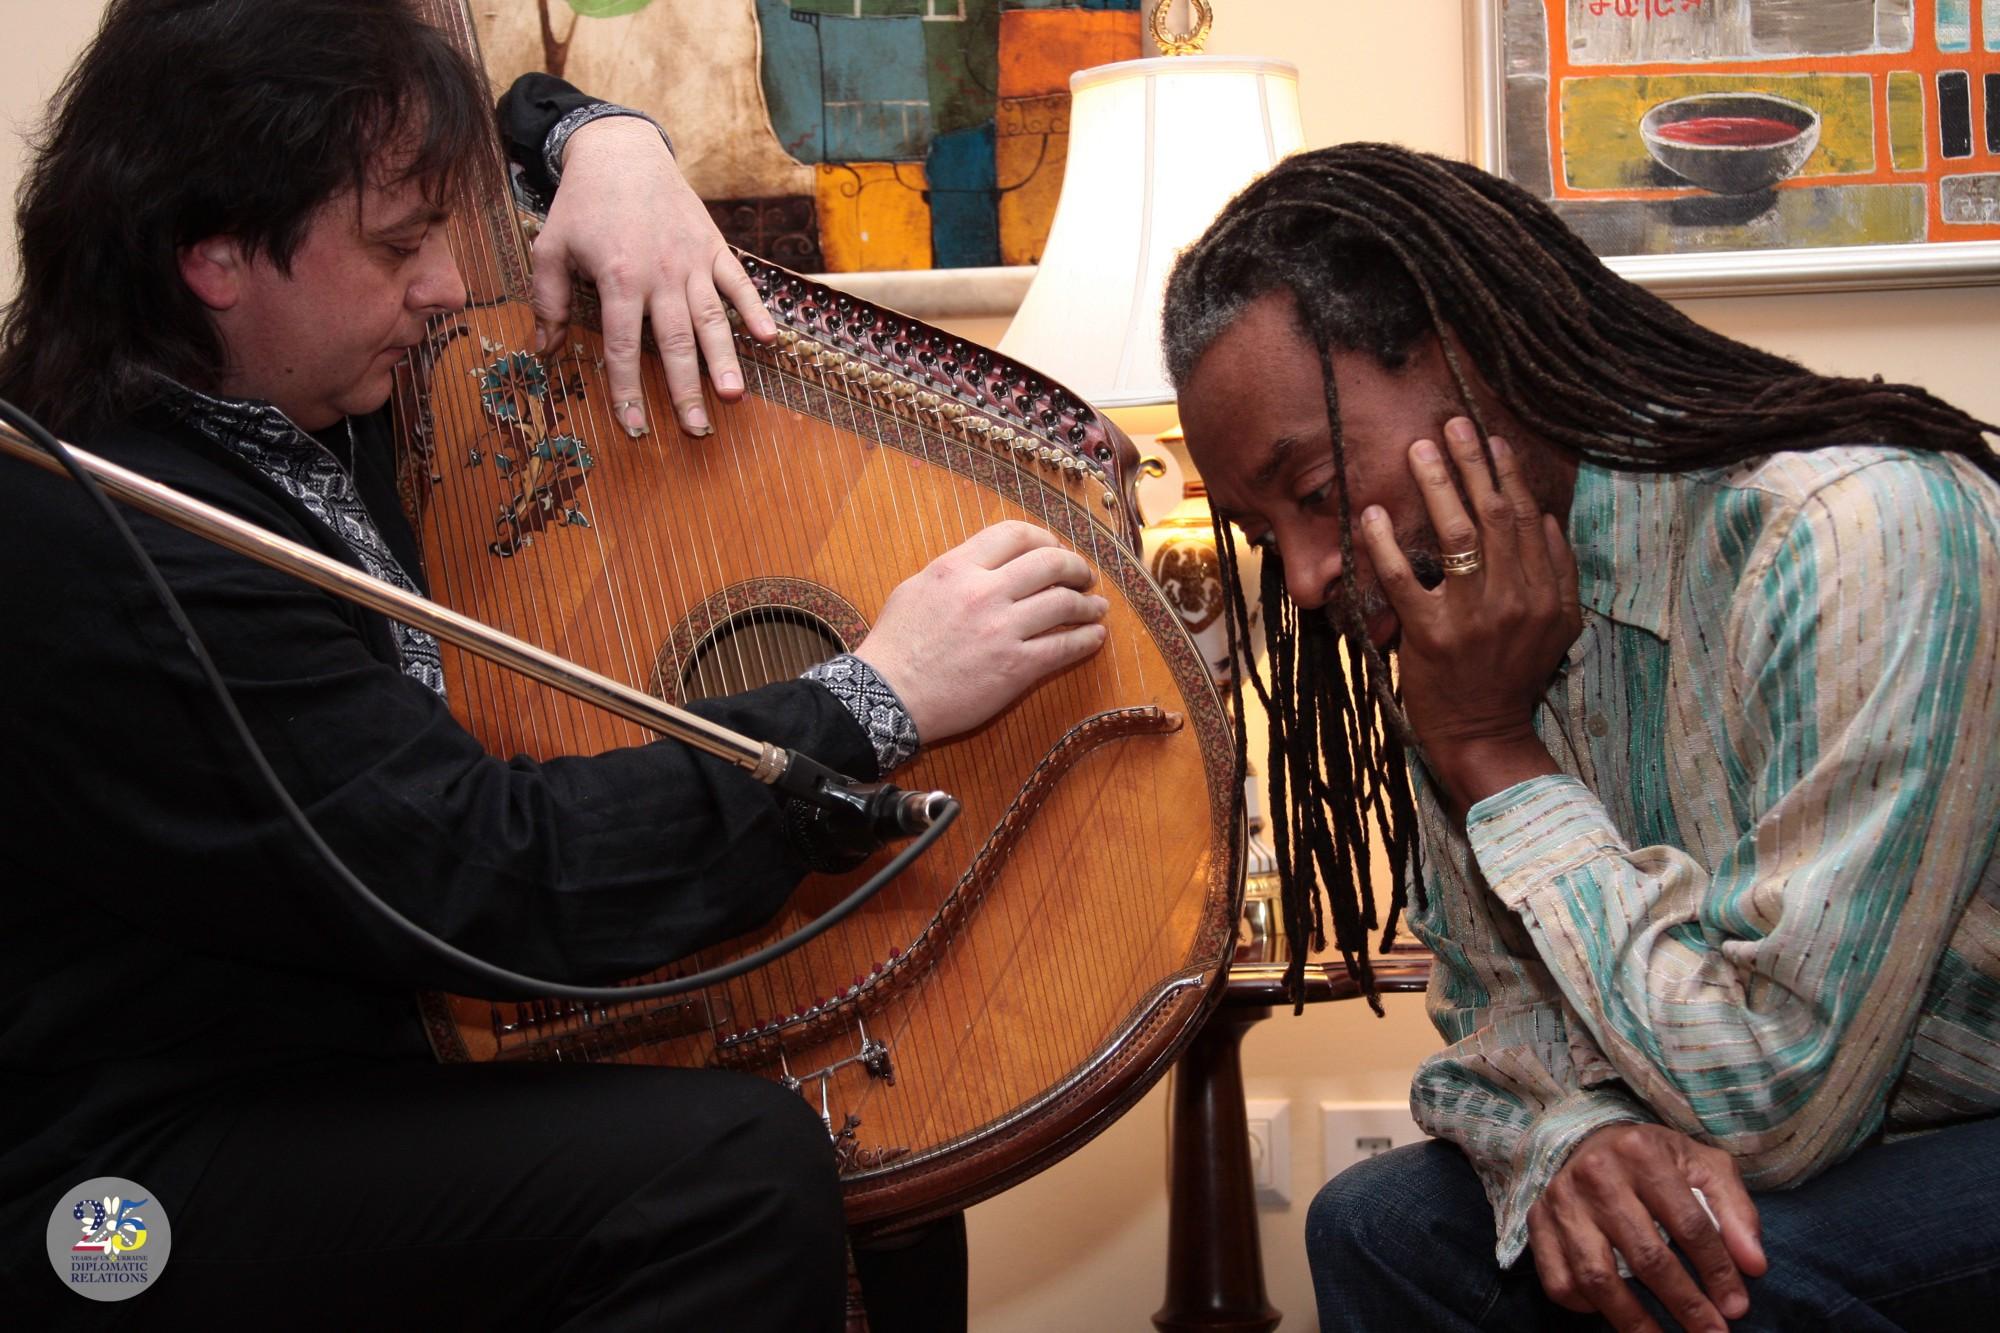 Бобби Макферрин, известный американский джазовый вокалист и дирижер, слушает игру на бандуре от украинского бандуриста Романа Гринькова, Киев 2010.